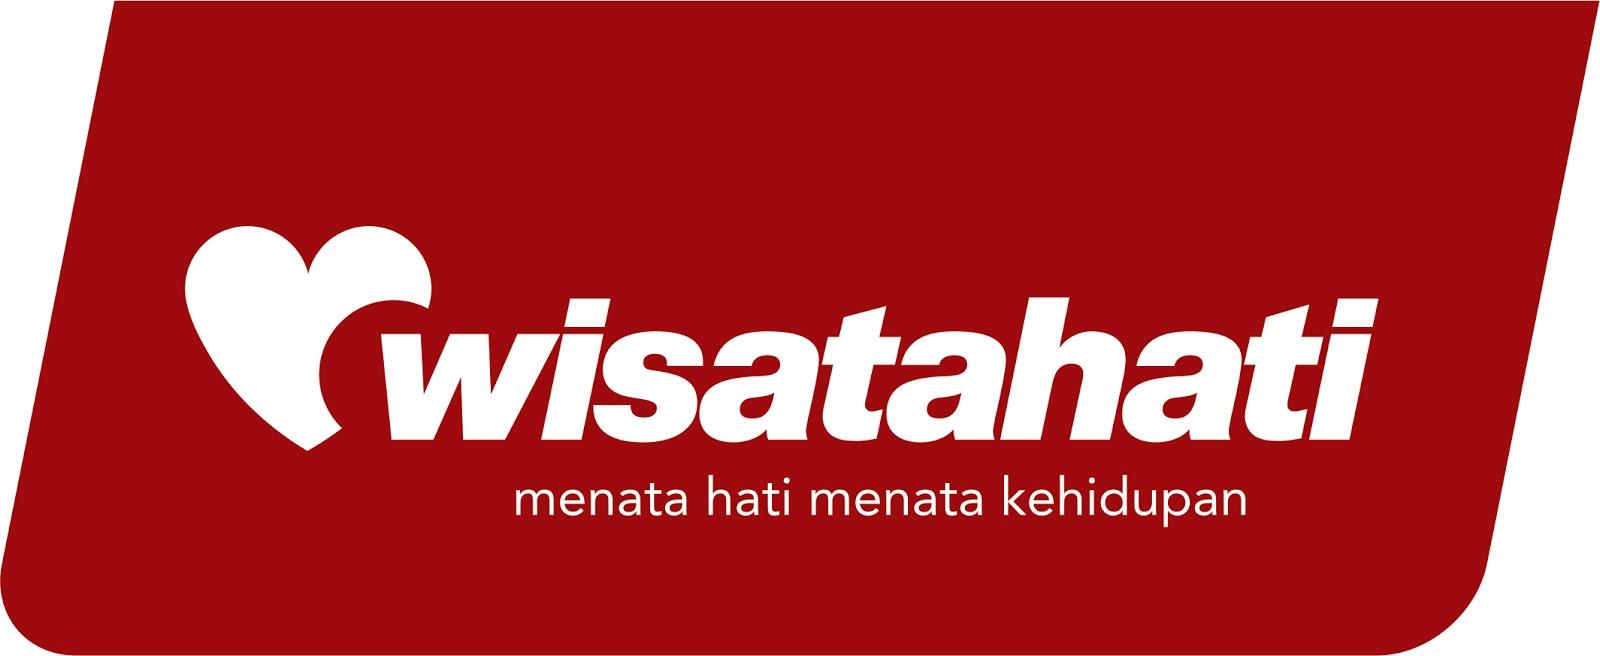 Wisatahati Jawa Tengah Lembaga Dawah Solusi Umat Arianto